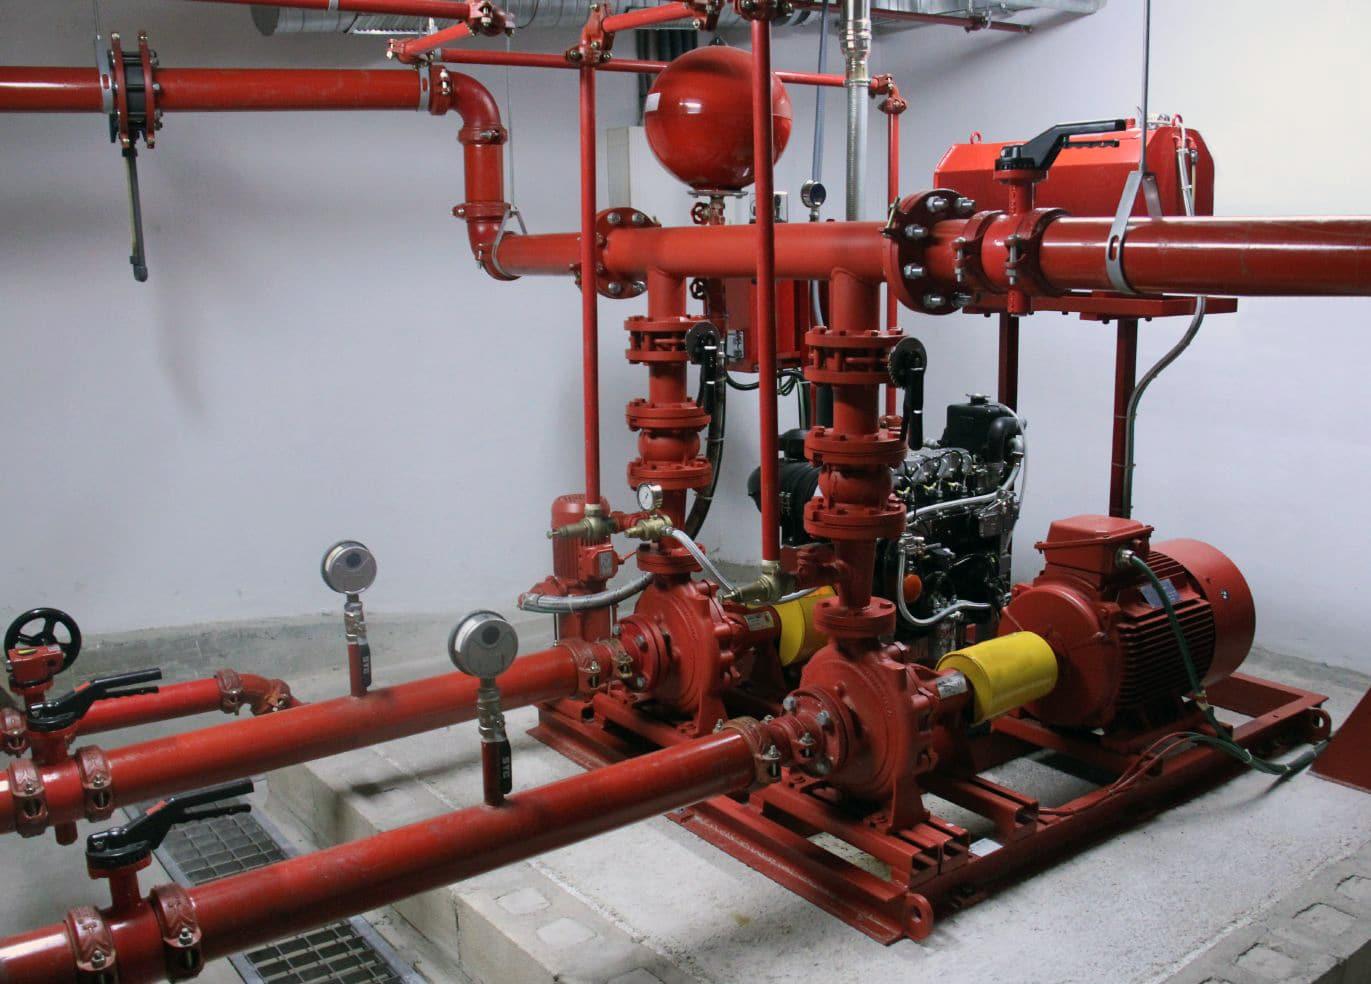 В систему пожарного водопровода входят трубопроводы, опуски, соединения, насосы. компрессоры, другие технические установки. Общая схема расположения оборудования будет включена в проект.